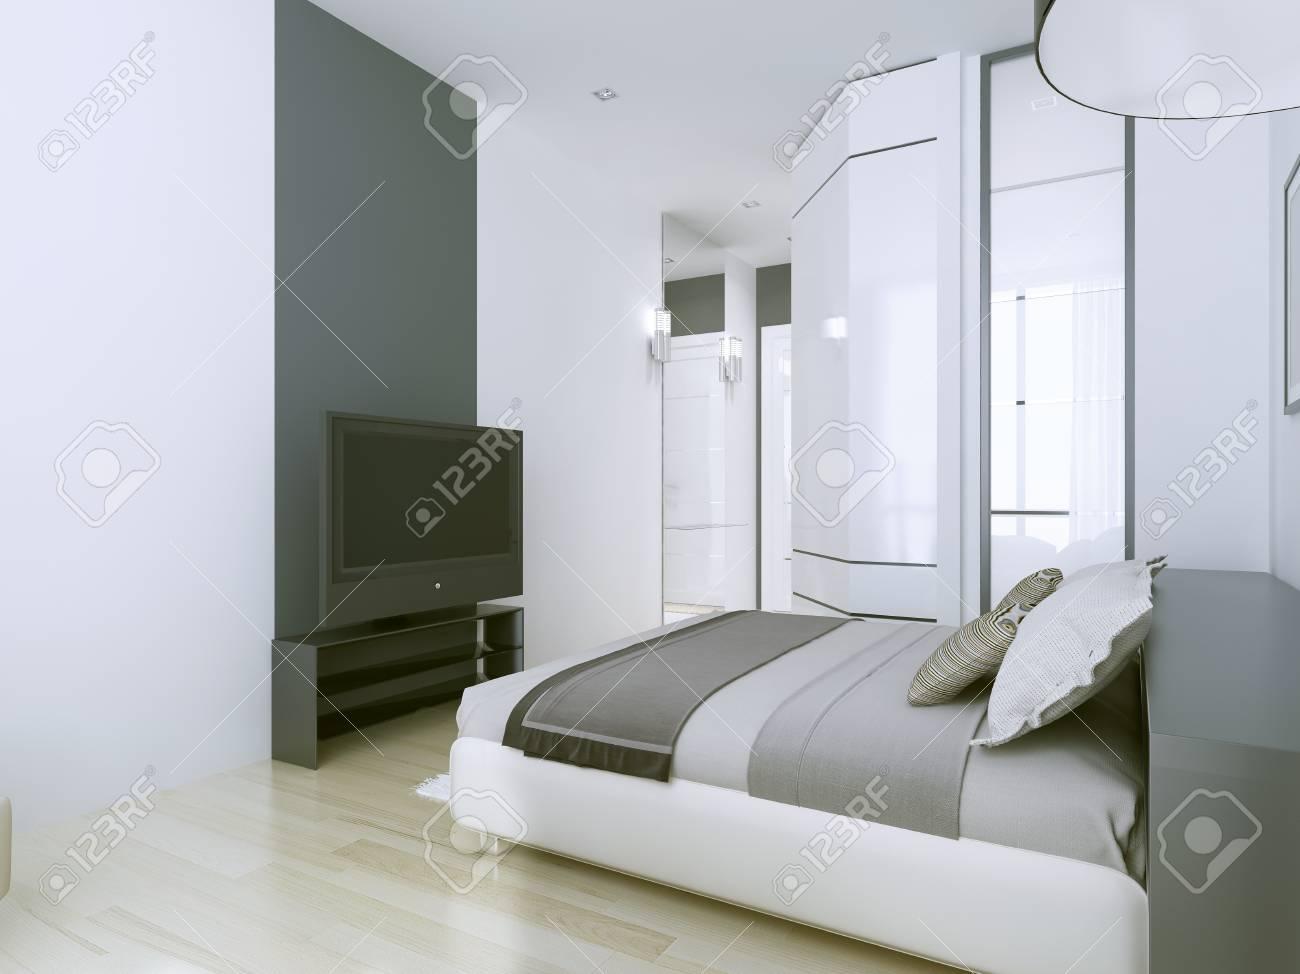 Légants Appartements 3 étoiles En Blanc Intérieur Blanc Et Gris